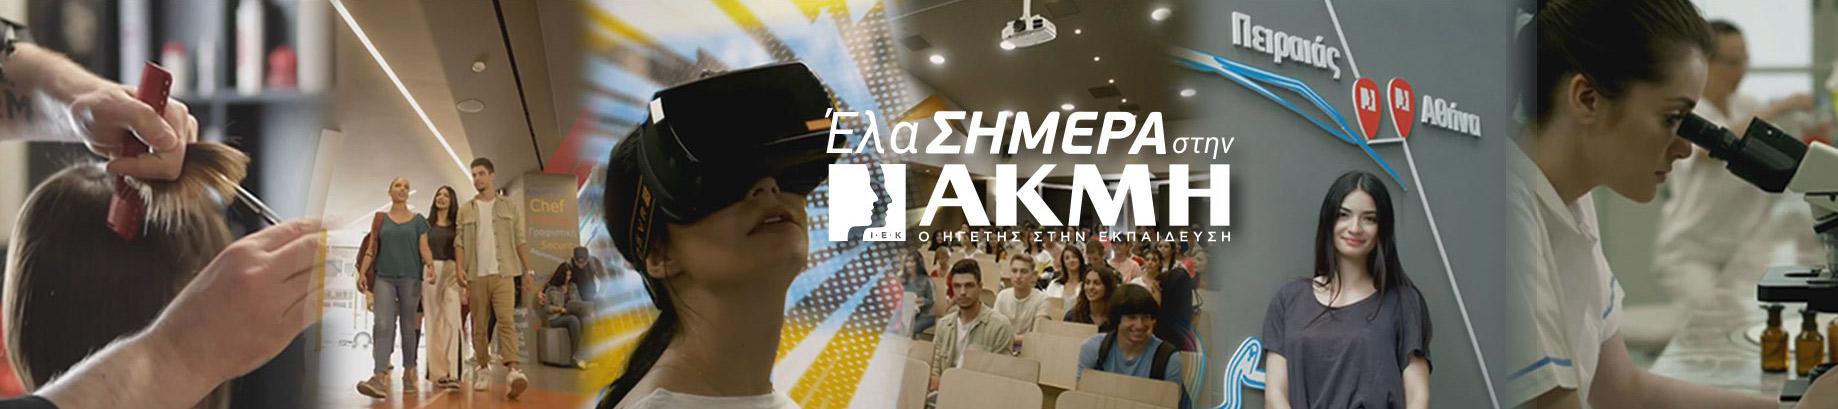 Έλα ΣΗΜΕΡΑ στην ΑΚΜΗ και σπούδασε σε ένα από τα 7 καλύτερα ΙΕΚ στην Ευρώπη!